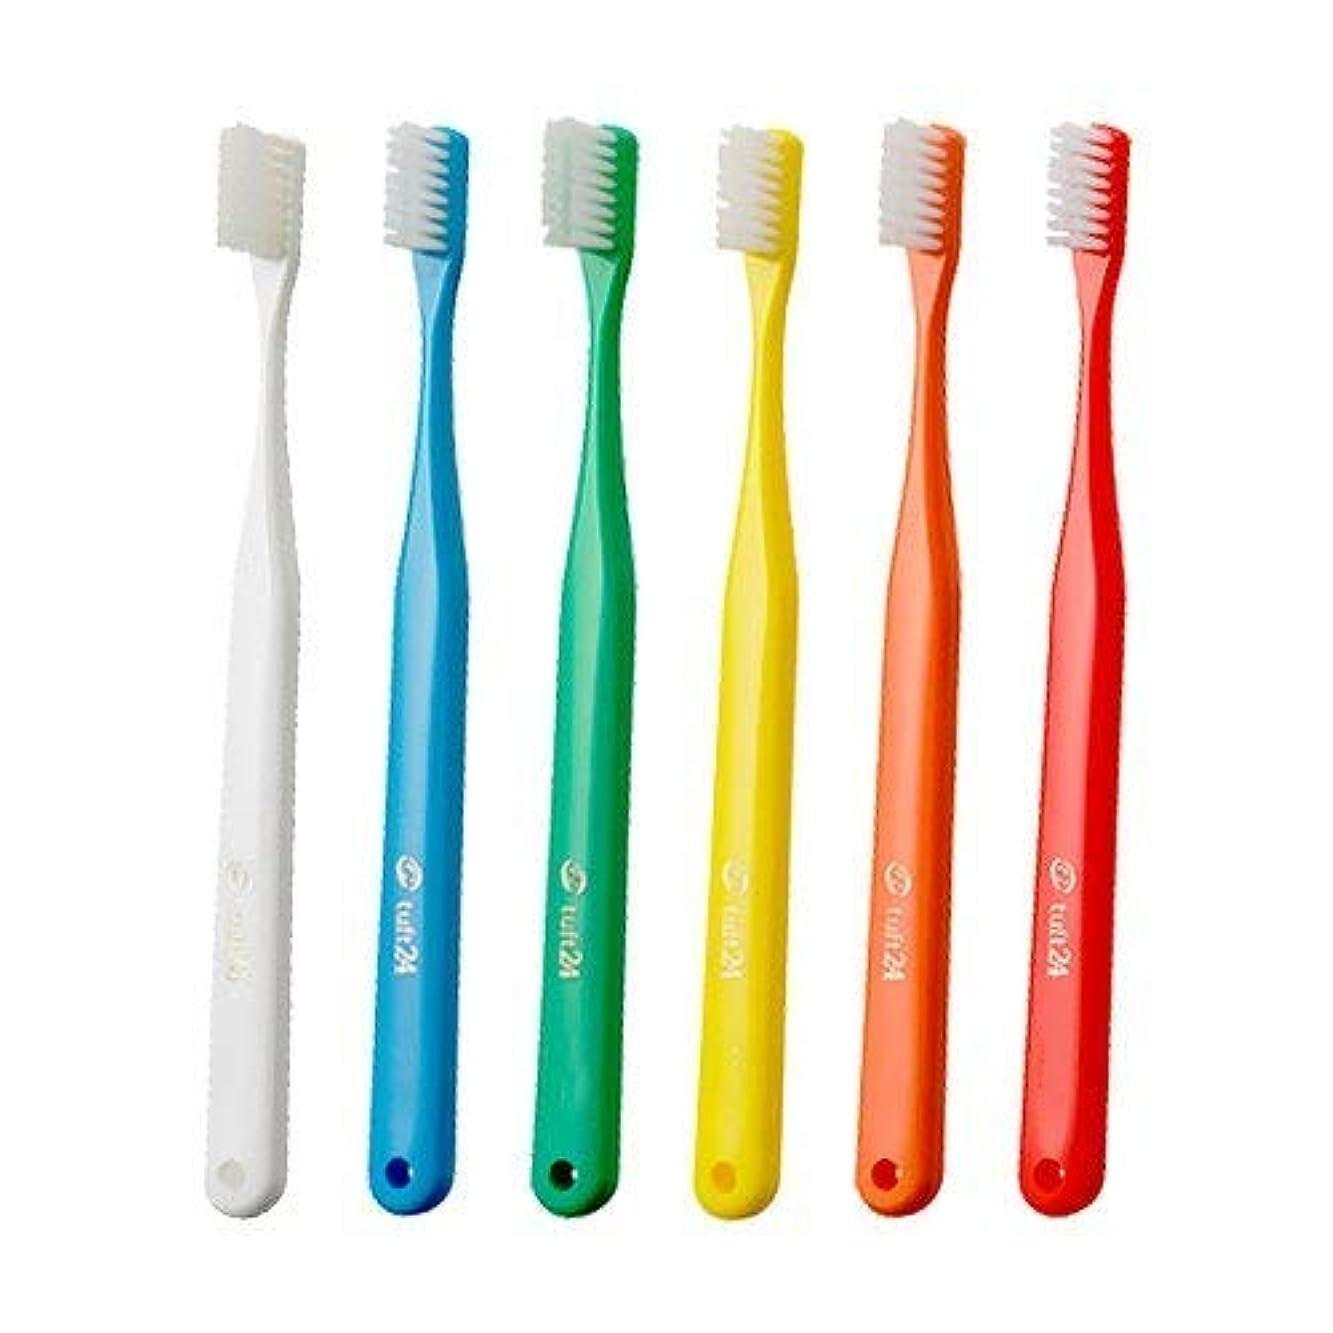 くガイドラインスクレーパーオーラルケア キャップなし タフト24 歯ブラシ × 10本 (S)